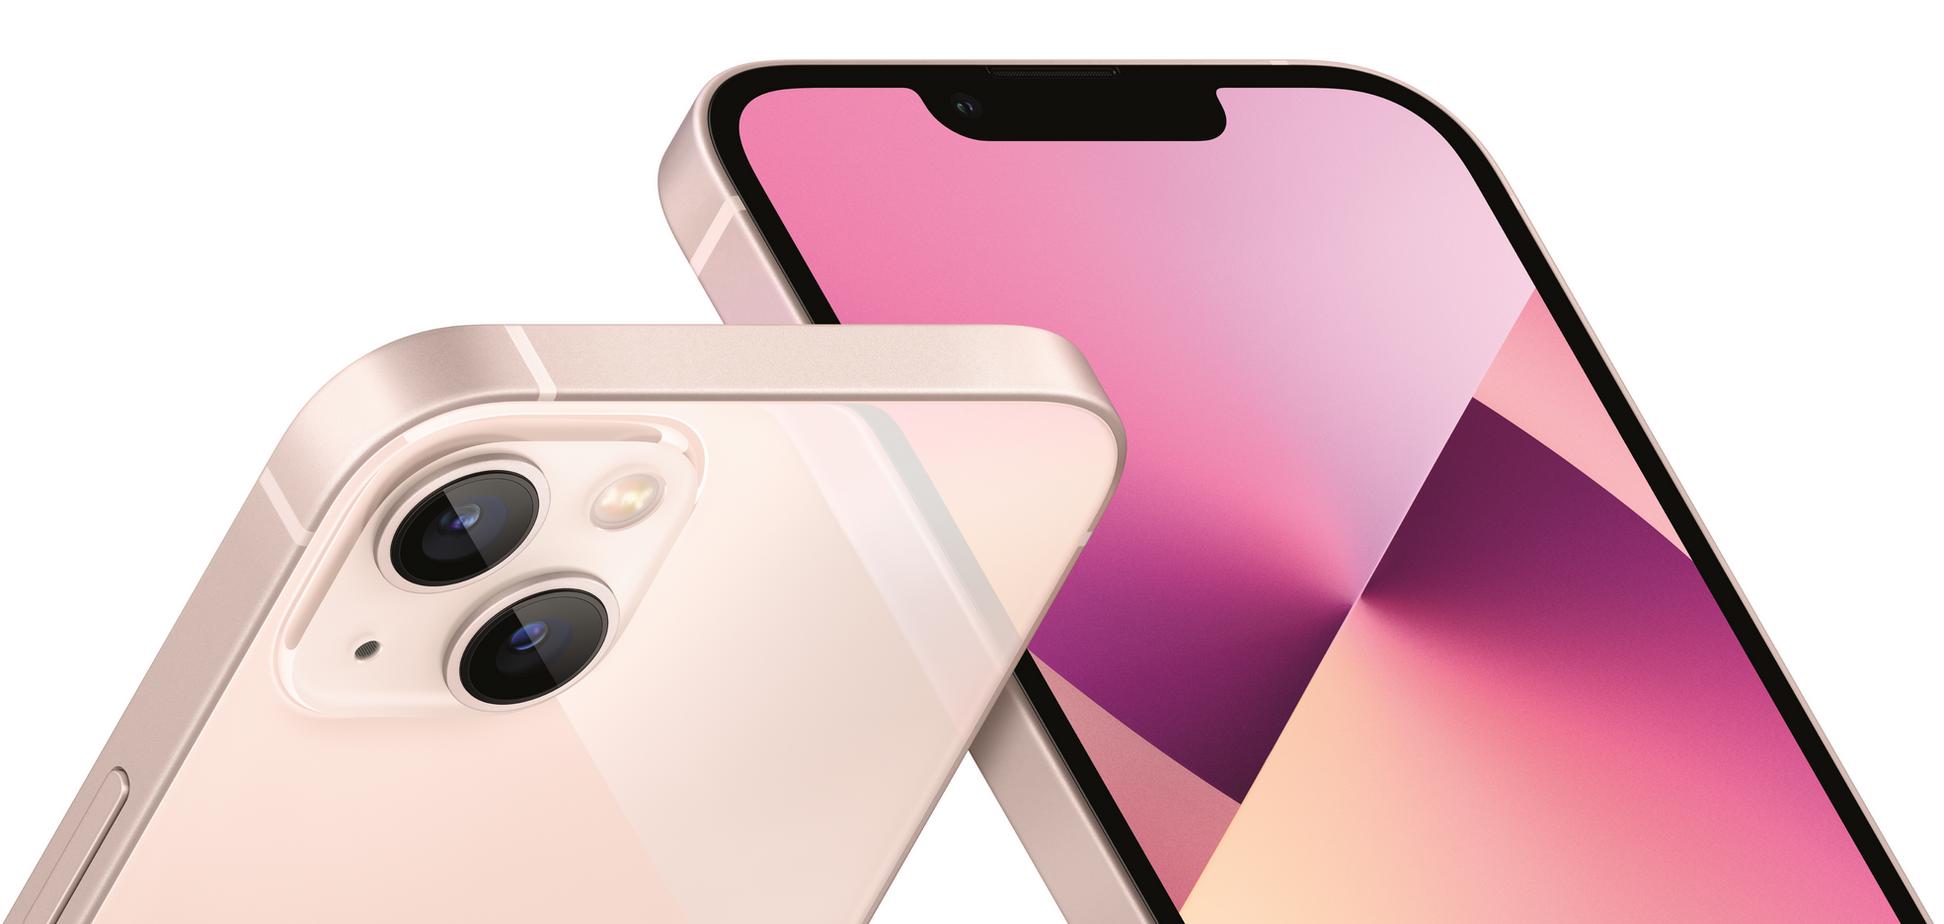 Неймовірна міць і краса. Все, що ви хочете знати про старт продажів нового iPhone 13 в Україні